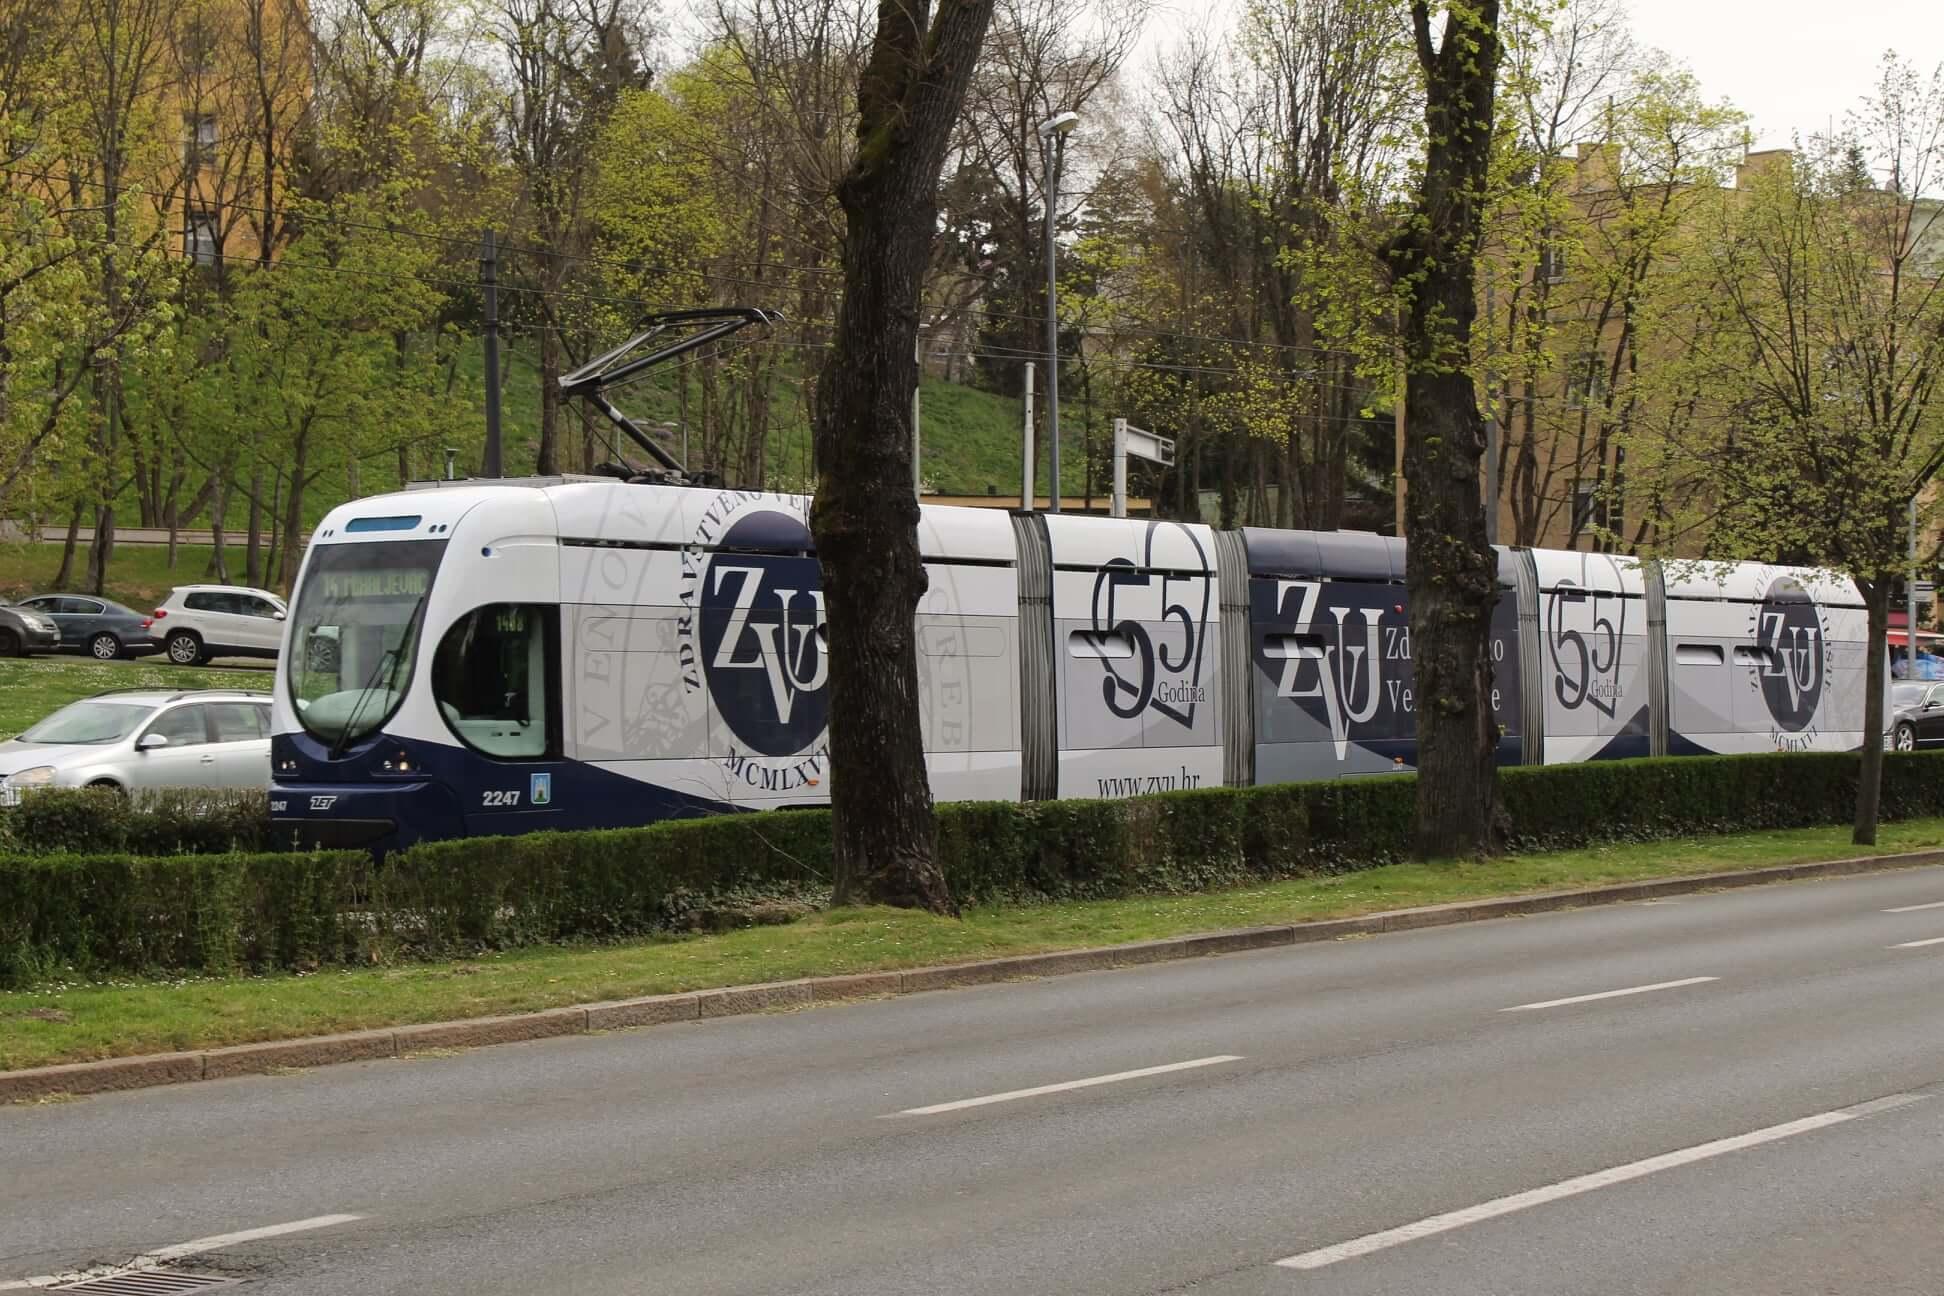 Veleučilište iz Zagreba dobilo 'svoj' tramvaj, dekan studentima: Neka vas krasi patriotizam i optimizam